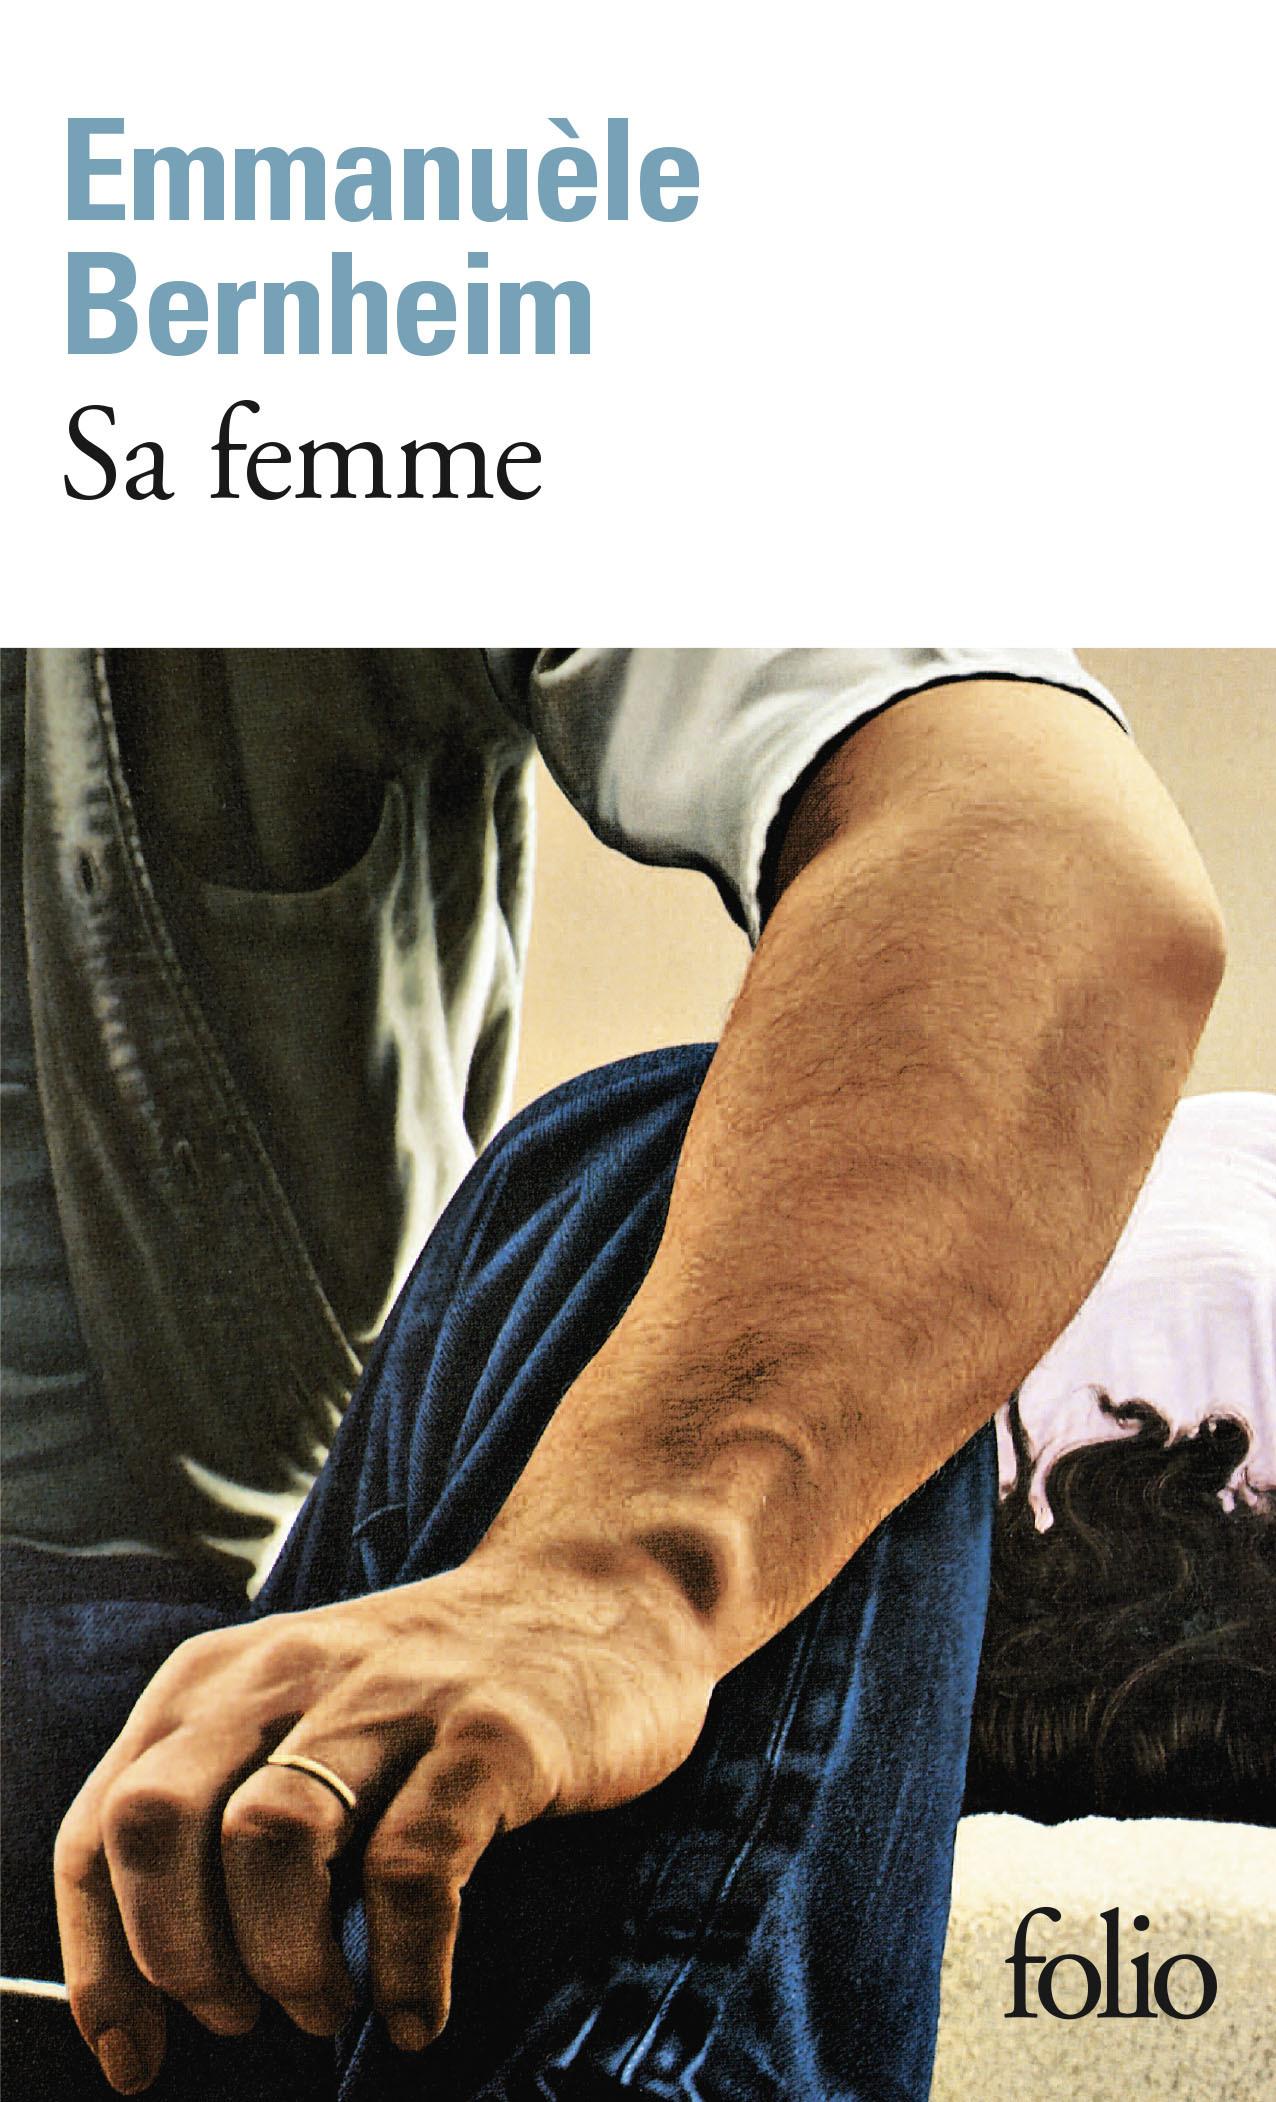 SA FEMME